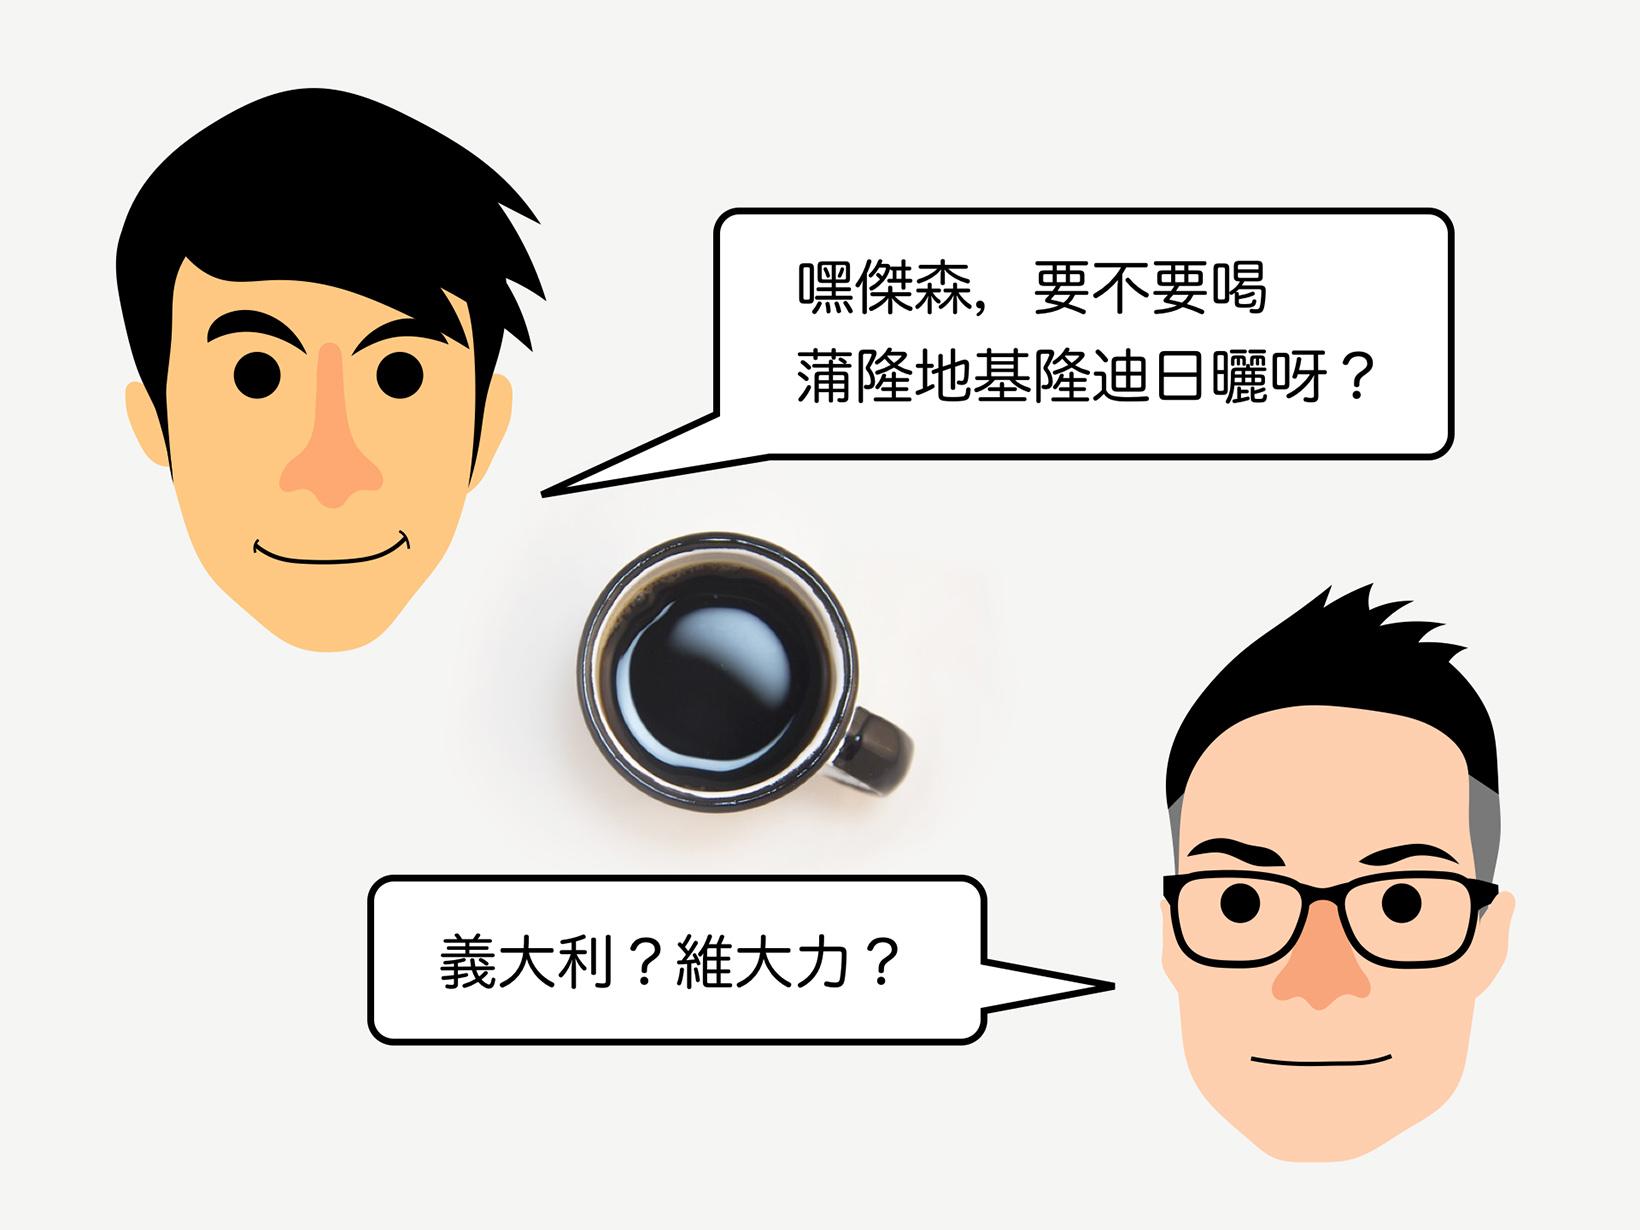 【 咖啡新手專區 】 落落長的精品咖啡名稱是什麼意思?聊聊精品咖啡的命名方式!